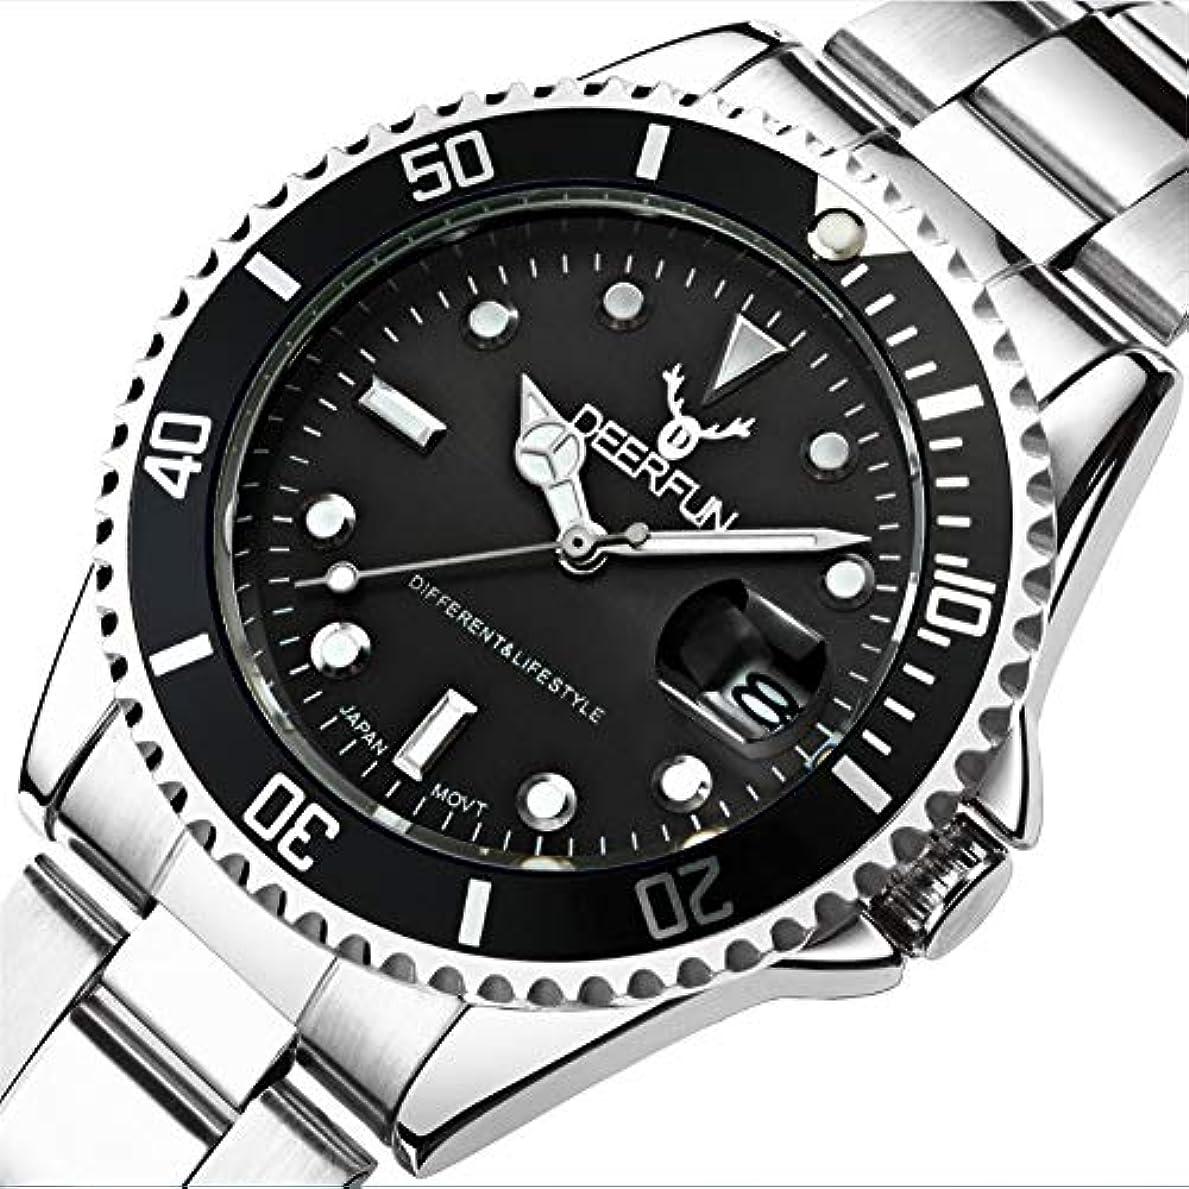 被る表面叱る防水腕時計メンズ高級ブランドカジュアルステンレススチールスポーツ腕時計クォーツ腕時計メンズ腕時計 (A)